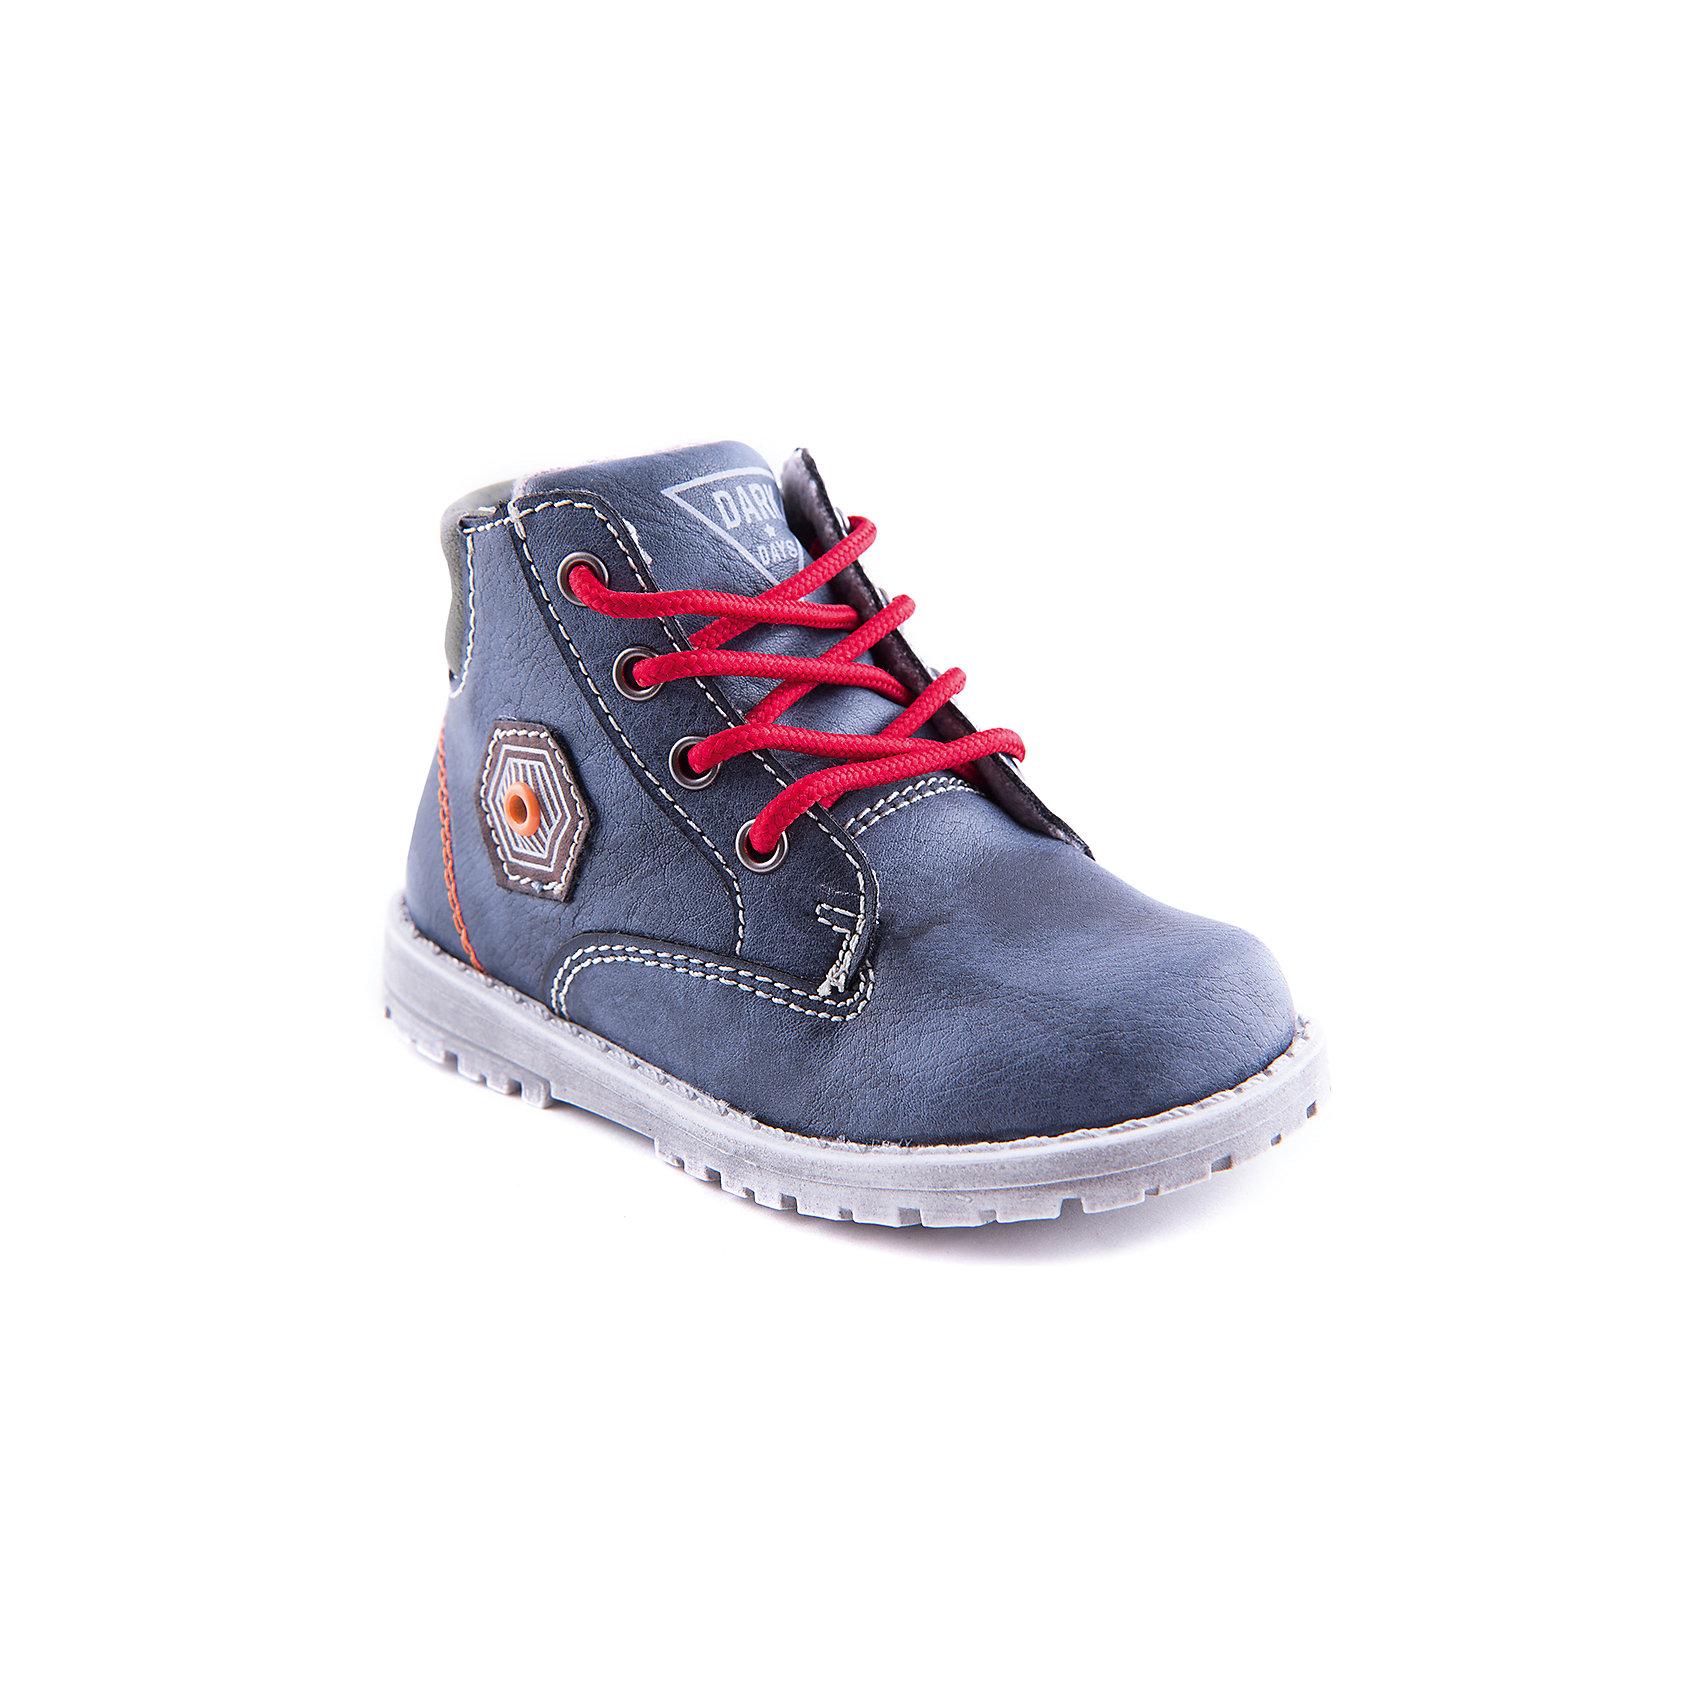 Ботинки для мальчика Indigo kidsБотинки для мальчика от популярной марки Indigo kids.<br>Демисезонные синие ботинки – это удобная и стильная обувь. Они отлично сочетаются с джинсами, брюками или спортивной одеждой.<br>Отличительные особенности модели:<br>- практичный синий цвет и белая прострочка;<br>- яркие декоративные детали;<br>- стильный дизайн;<br>- комфортная колодка;<br>- устойчивая подошва;<br>- удобная шнуровка и липучка;<br>- качественная подкладка из байки.<br>Дополнительная информация:<br>- Сезон: демисезонные.<br>- Состав:<br>материал верха: искусственная кожа<br>материал подкладки: байка<br>подошва: ТЭП.<br>Ботинки для мальчика Indigo kids (Индиго кидс) можно купить в нашем магазине.<br><br>Ширина мм: 262<br>Глубина мм: 176<br>Высота мм: 97<br>Вес г: 427<br>Цвет: синий<br>Возраст от месяцев: 18<br>Возраст до месяцев: 21<br>Пол: Мужской<br>Возраст: Детский<br>Размер: 23,26,24,27,22,25<br>SKU: 4225927